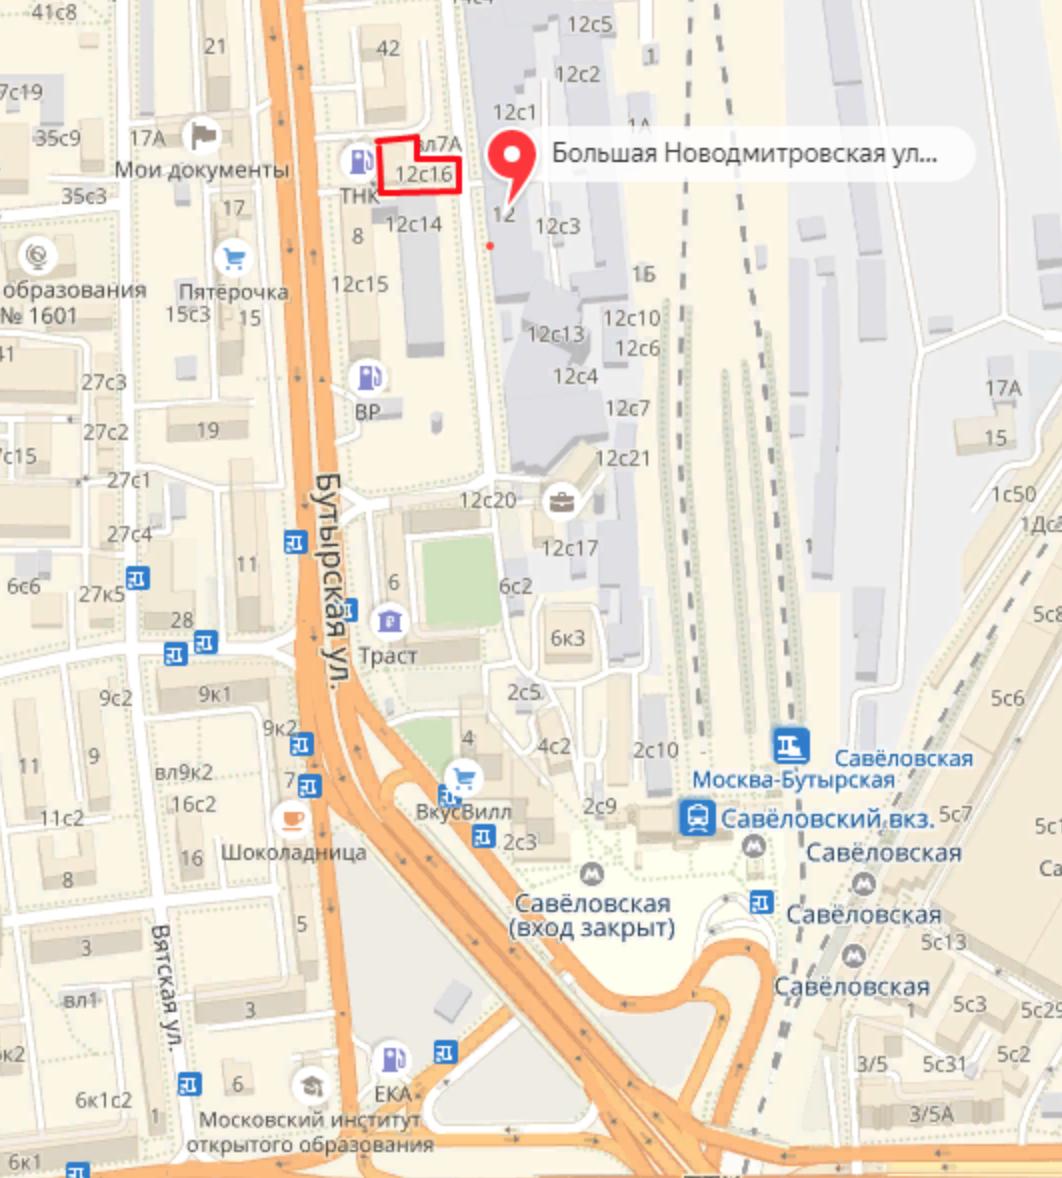 Предложение под гостиницу ул. Новодмировская (Бутырская) 589747